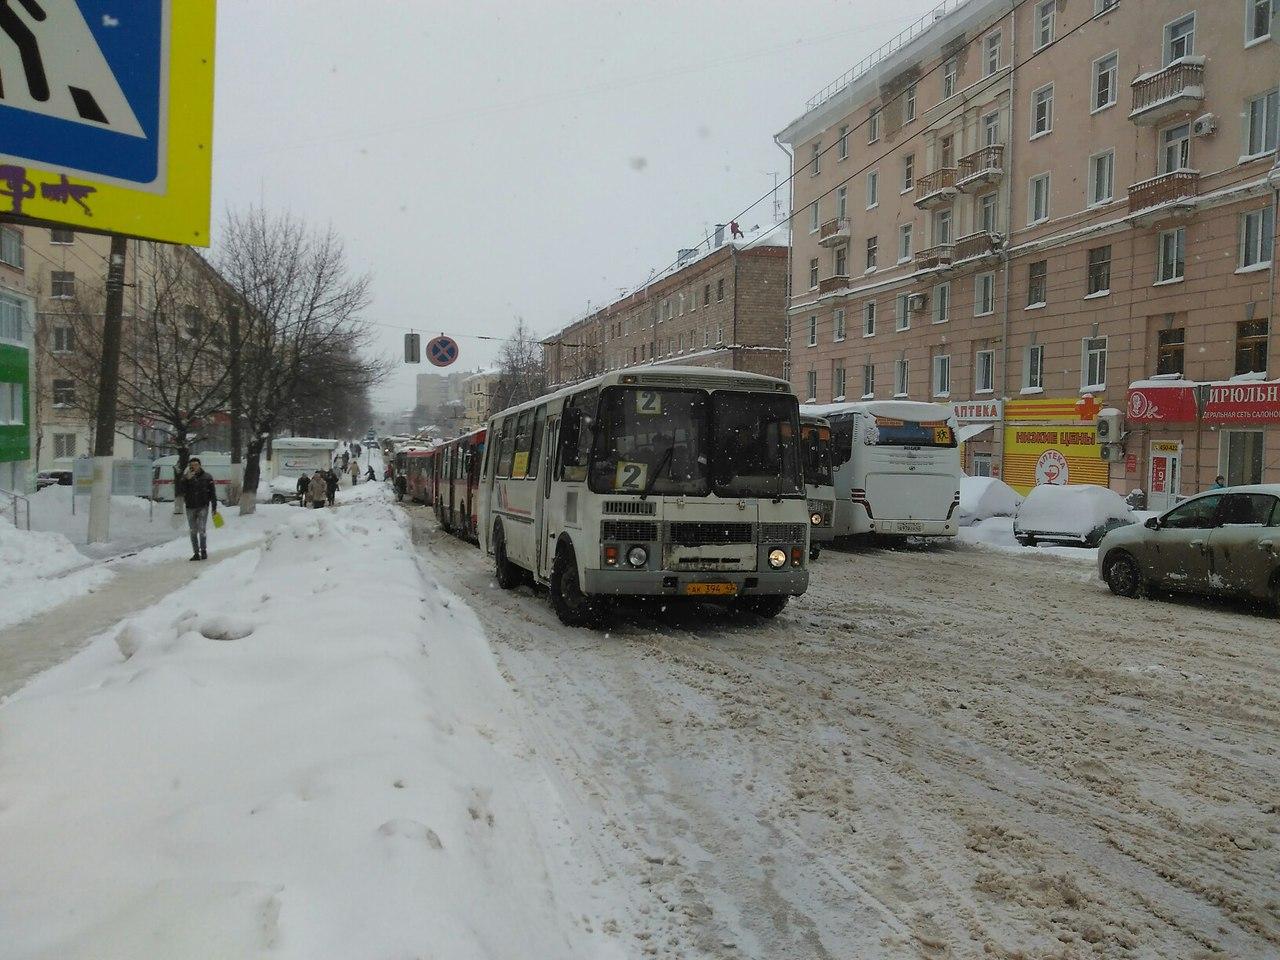 Из-за снегопада в Кирове практически парализовано движение общественного транспорта